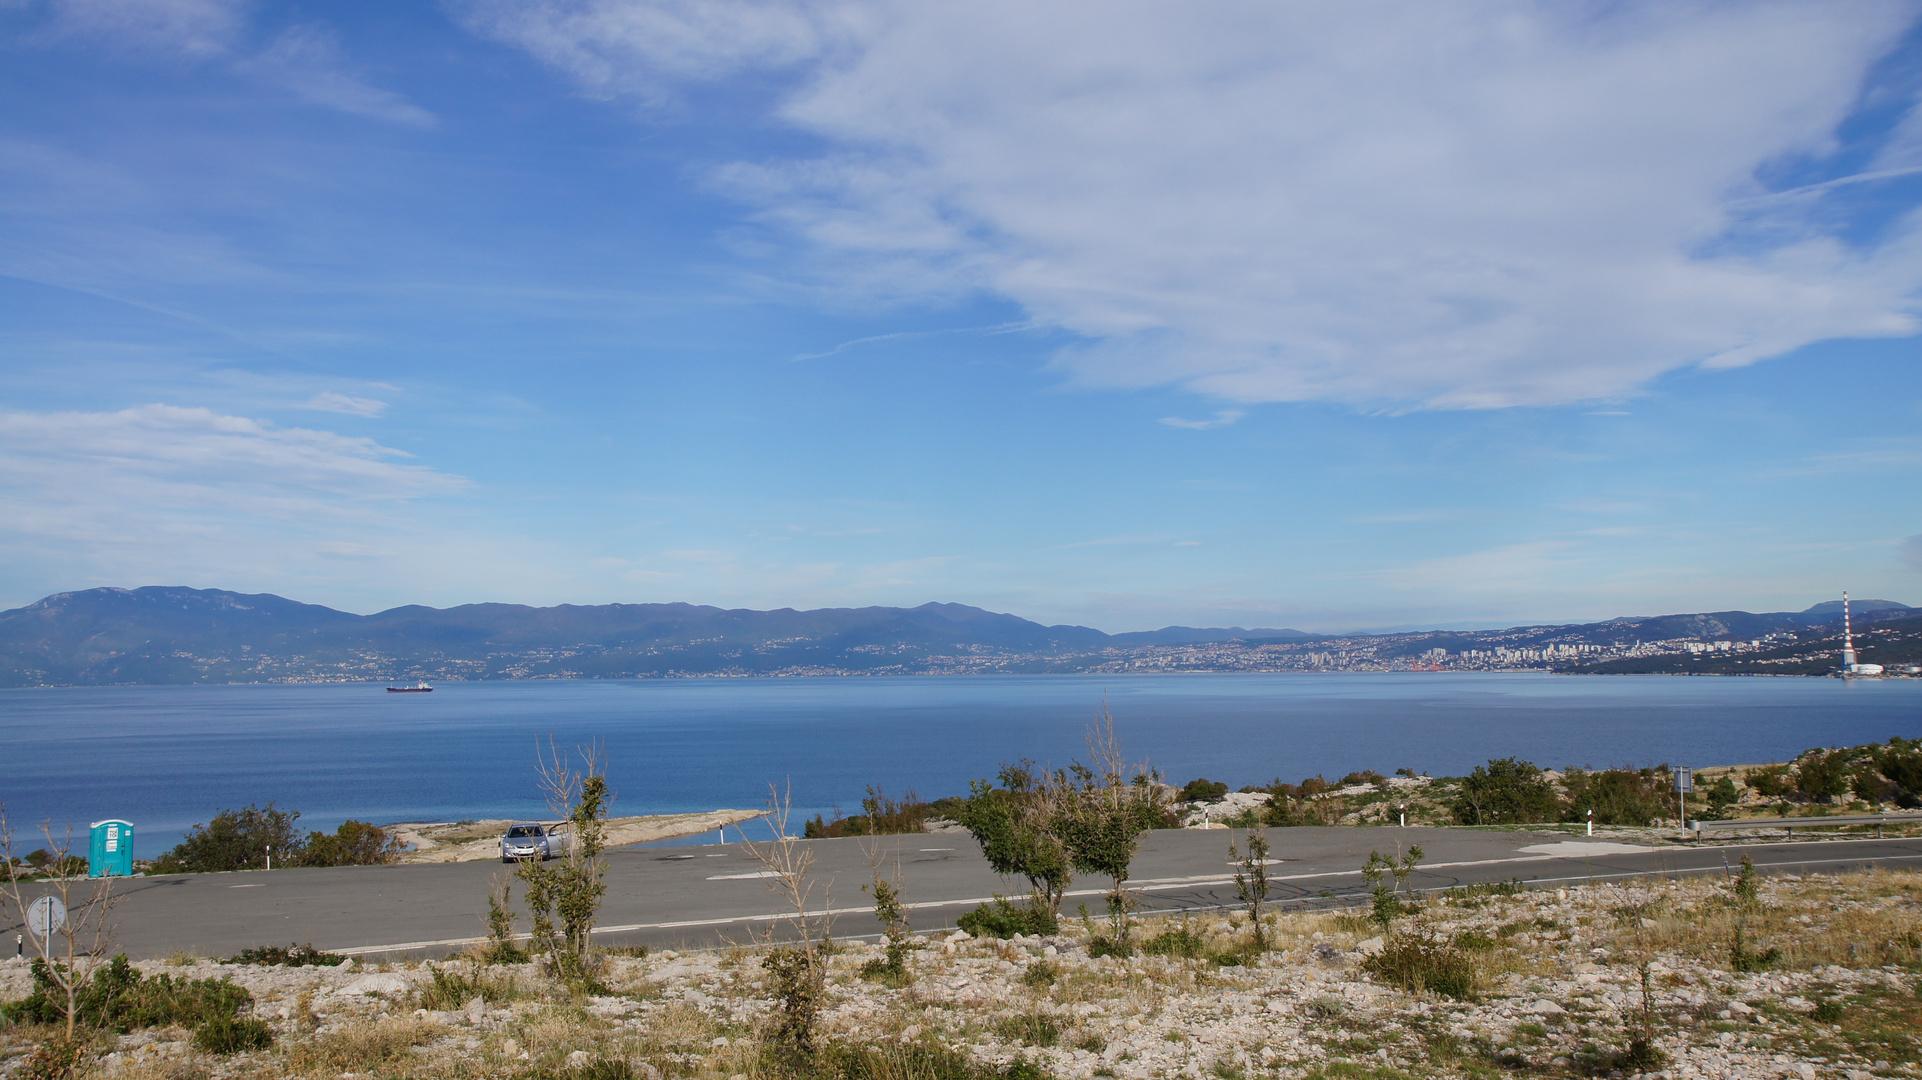 Blick auf Rieka von der Insel Krk